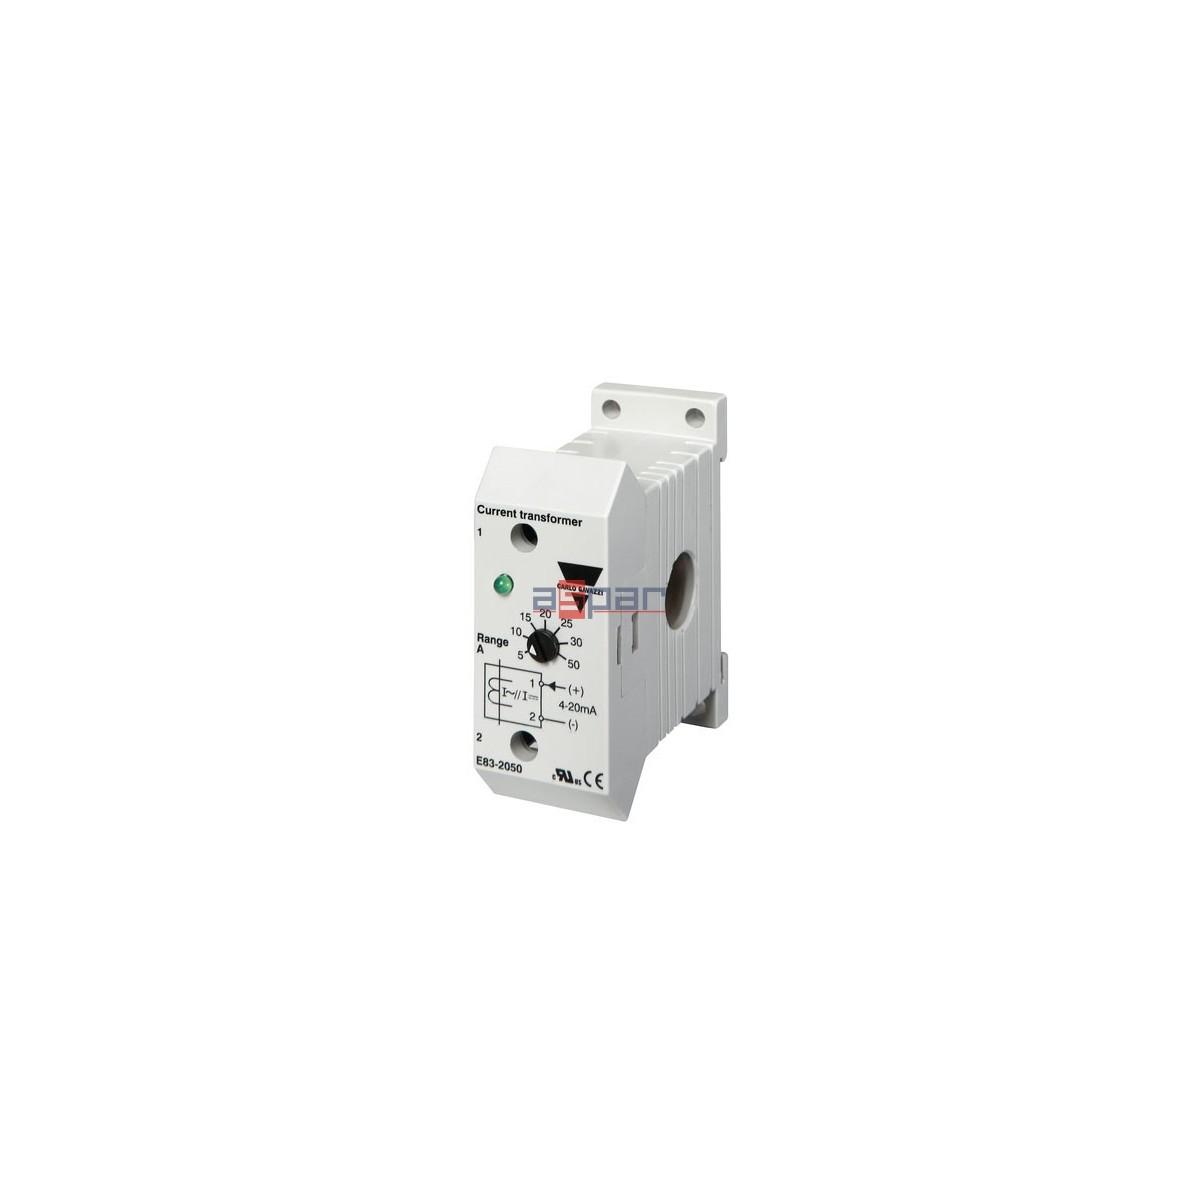 Current transformer 50A / 4-20mA, E83-2050